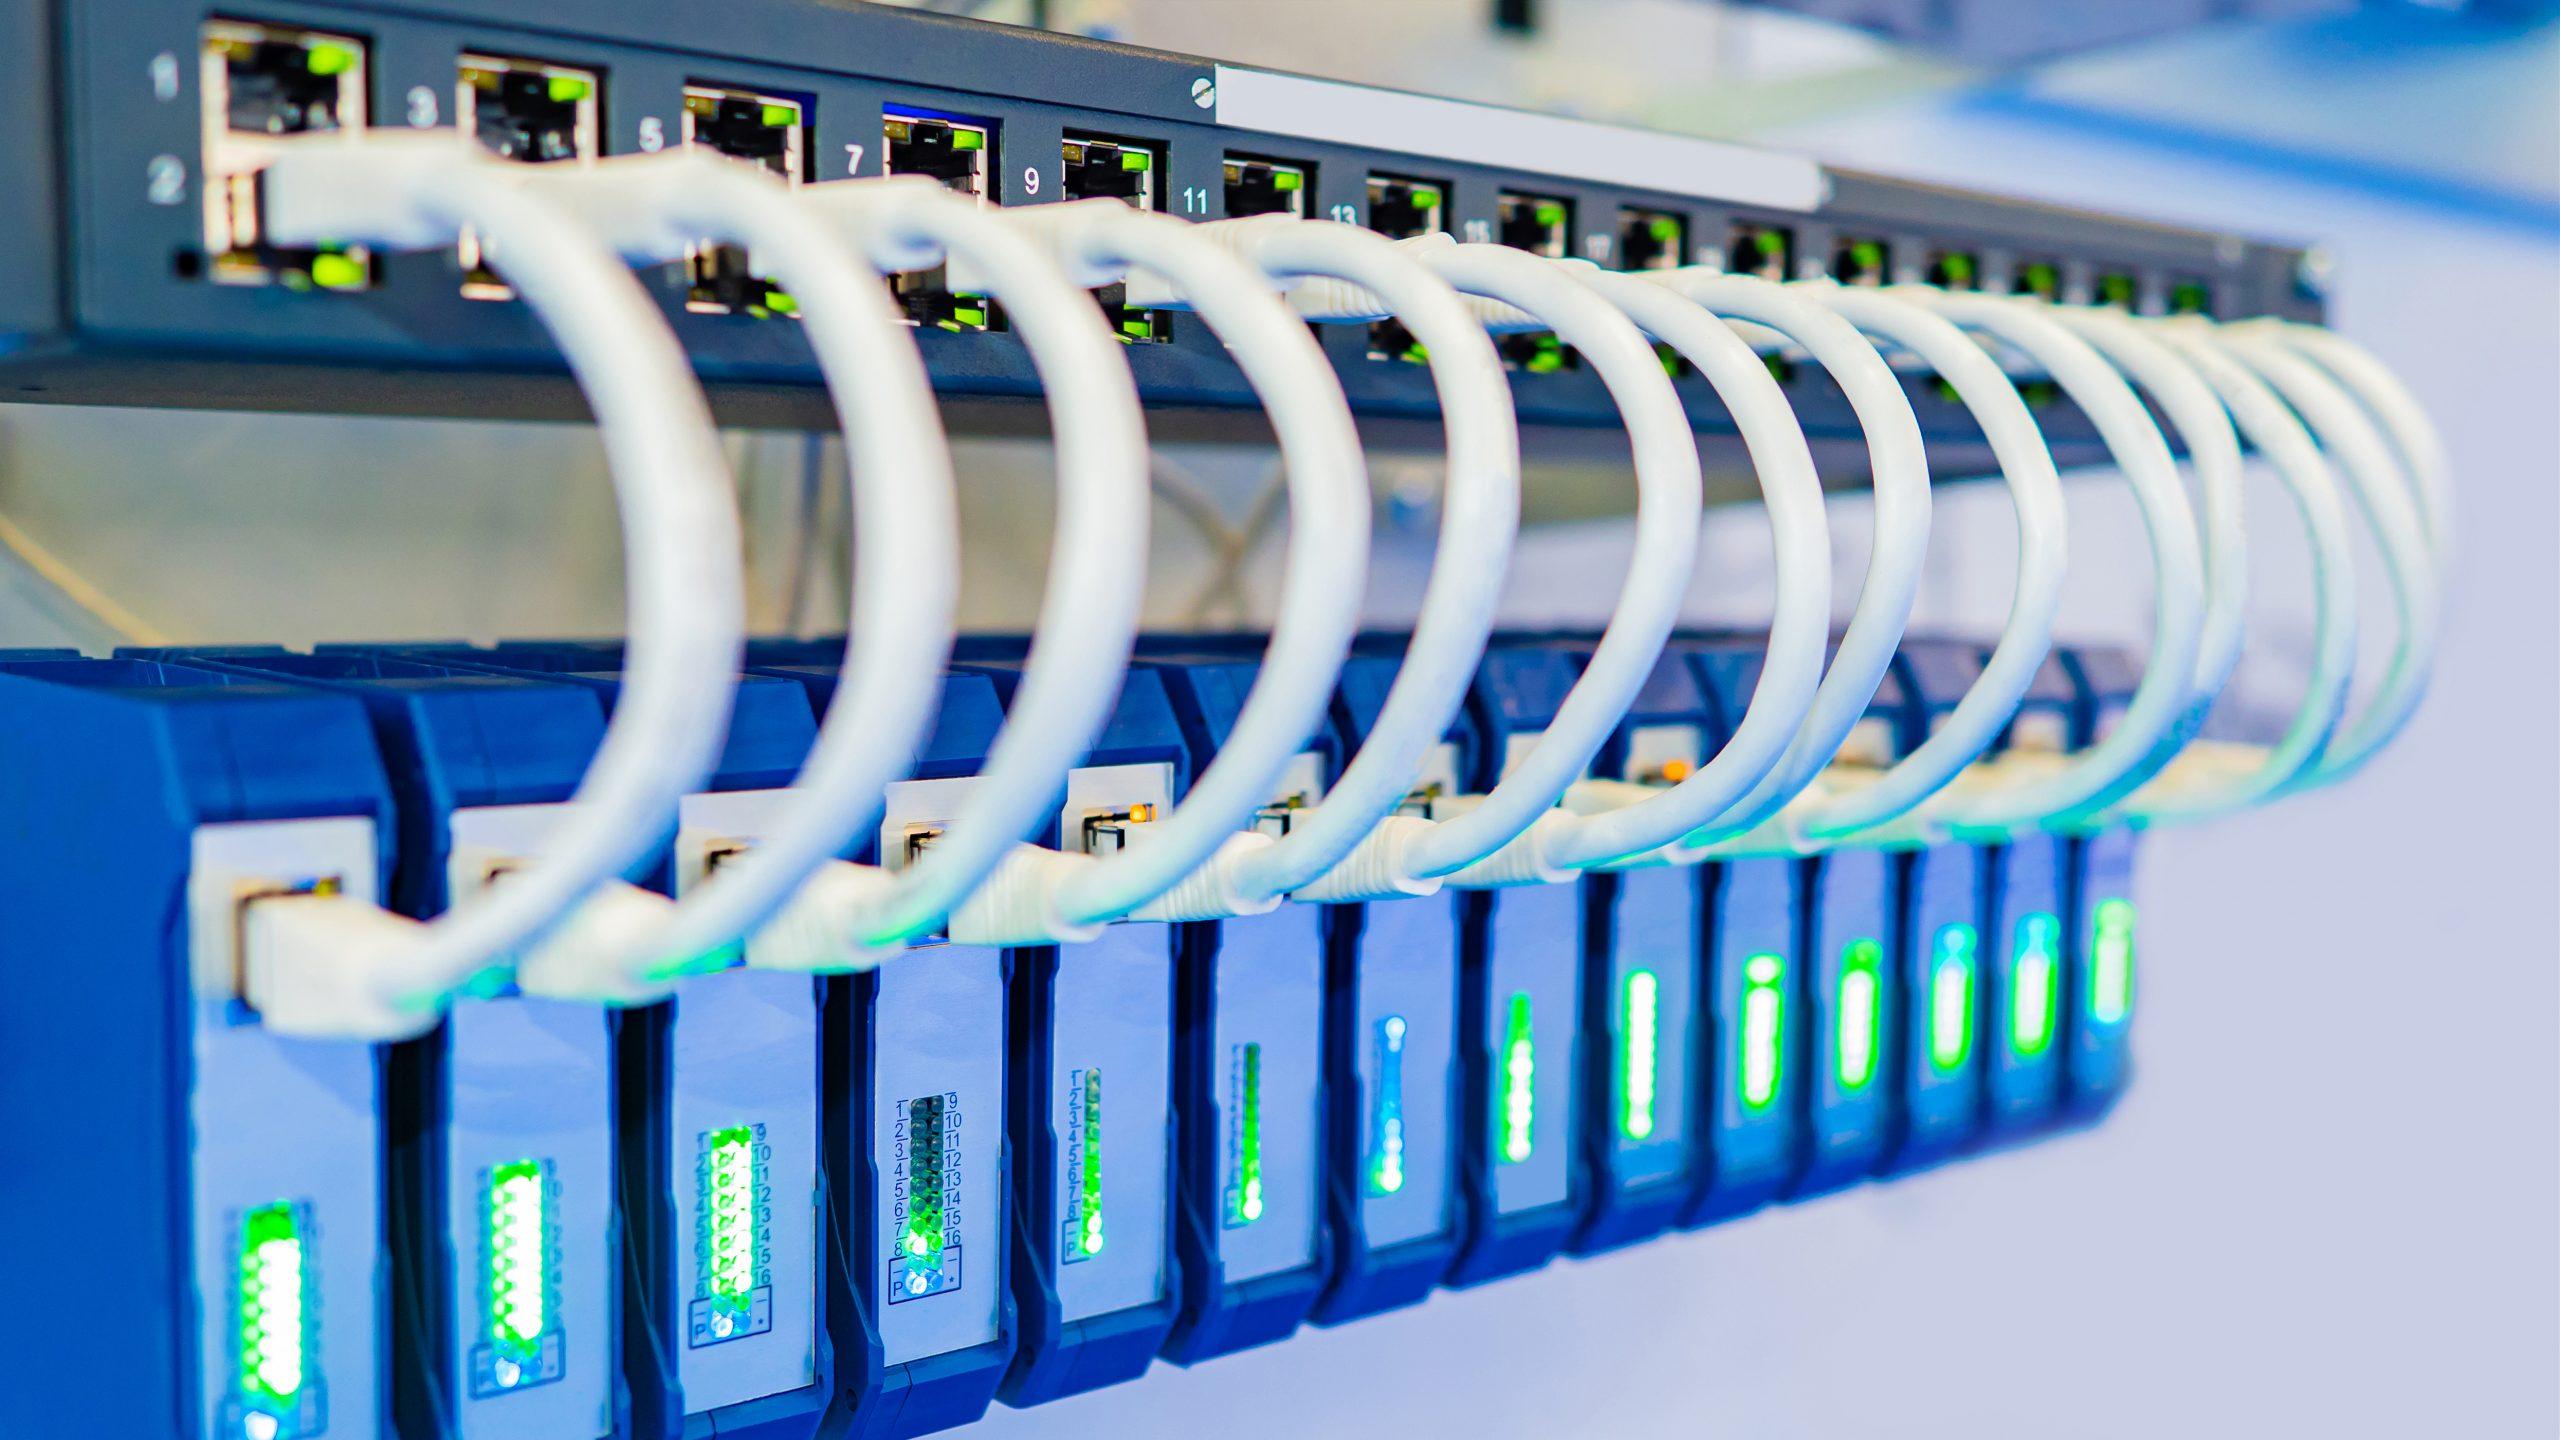 Die Anwendung scannt Assets in IT- und OT-Netzwerken. (Bild: ©Grispb/stock.adobe.com)